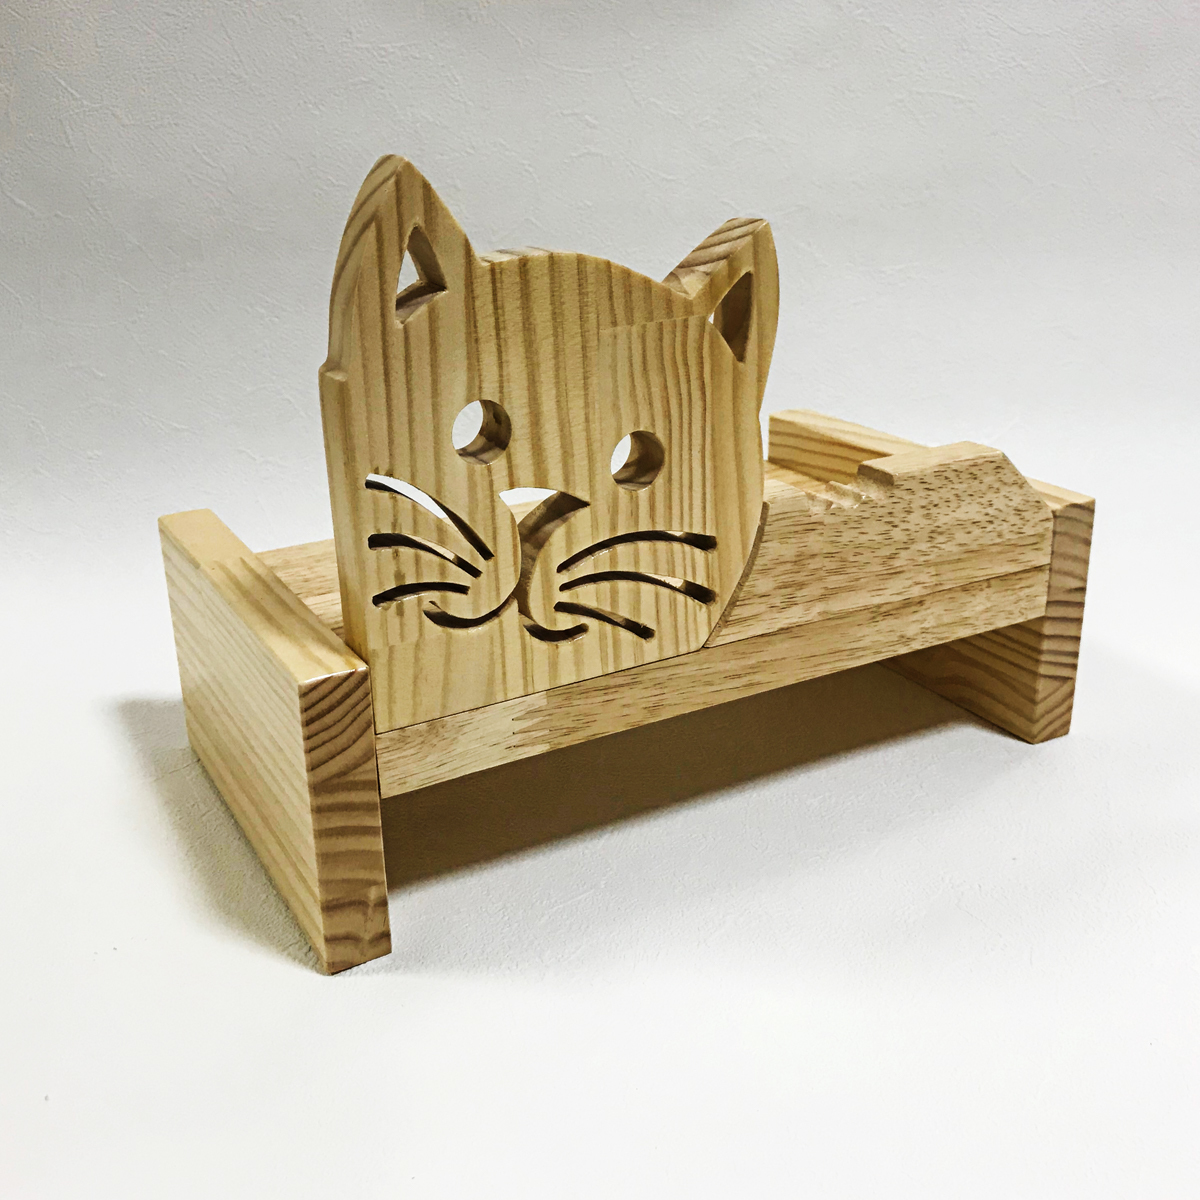 猫用 フードテーブル  小 木製 ペット 餌 水入れ ご飯台 ナチュラル